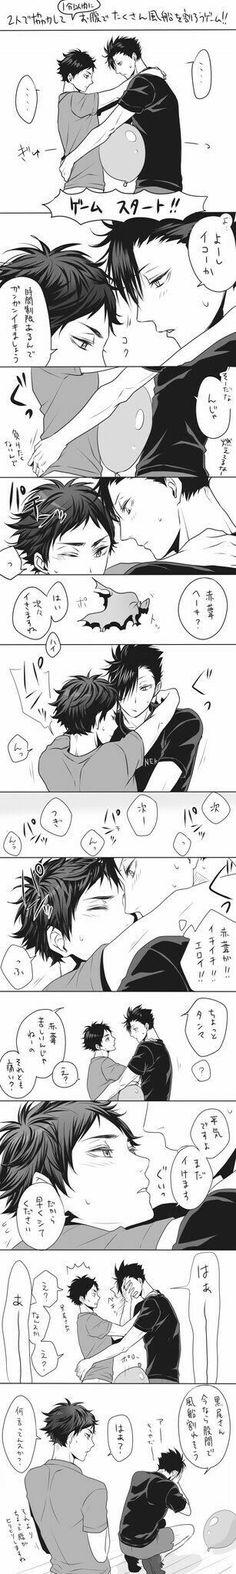 Kuroo x akaashi♥